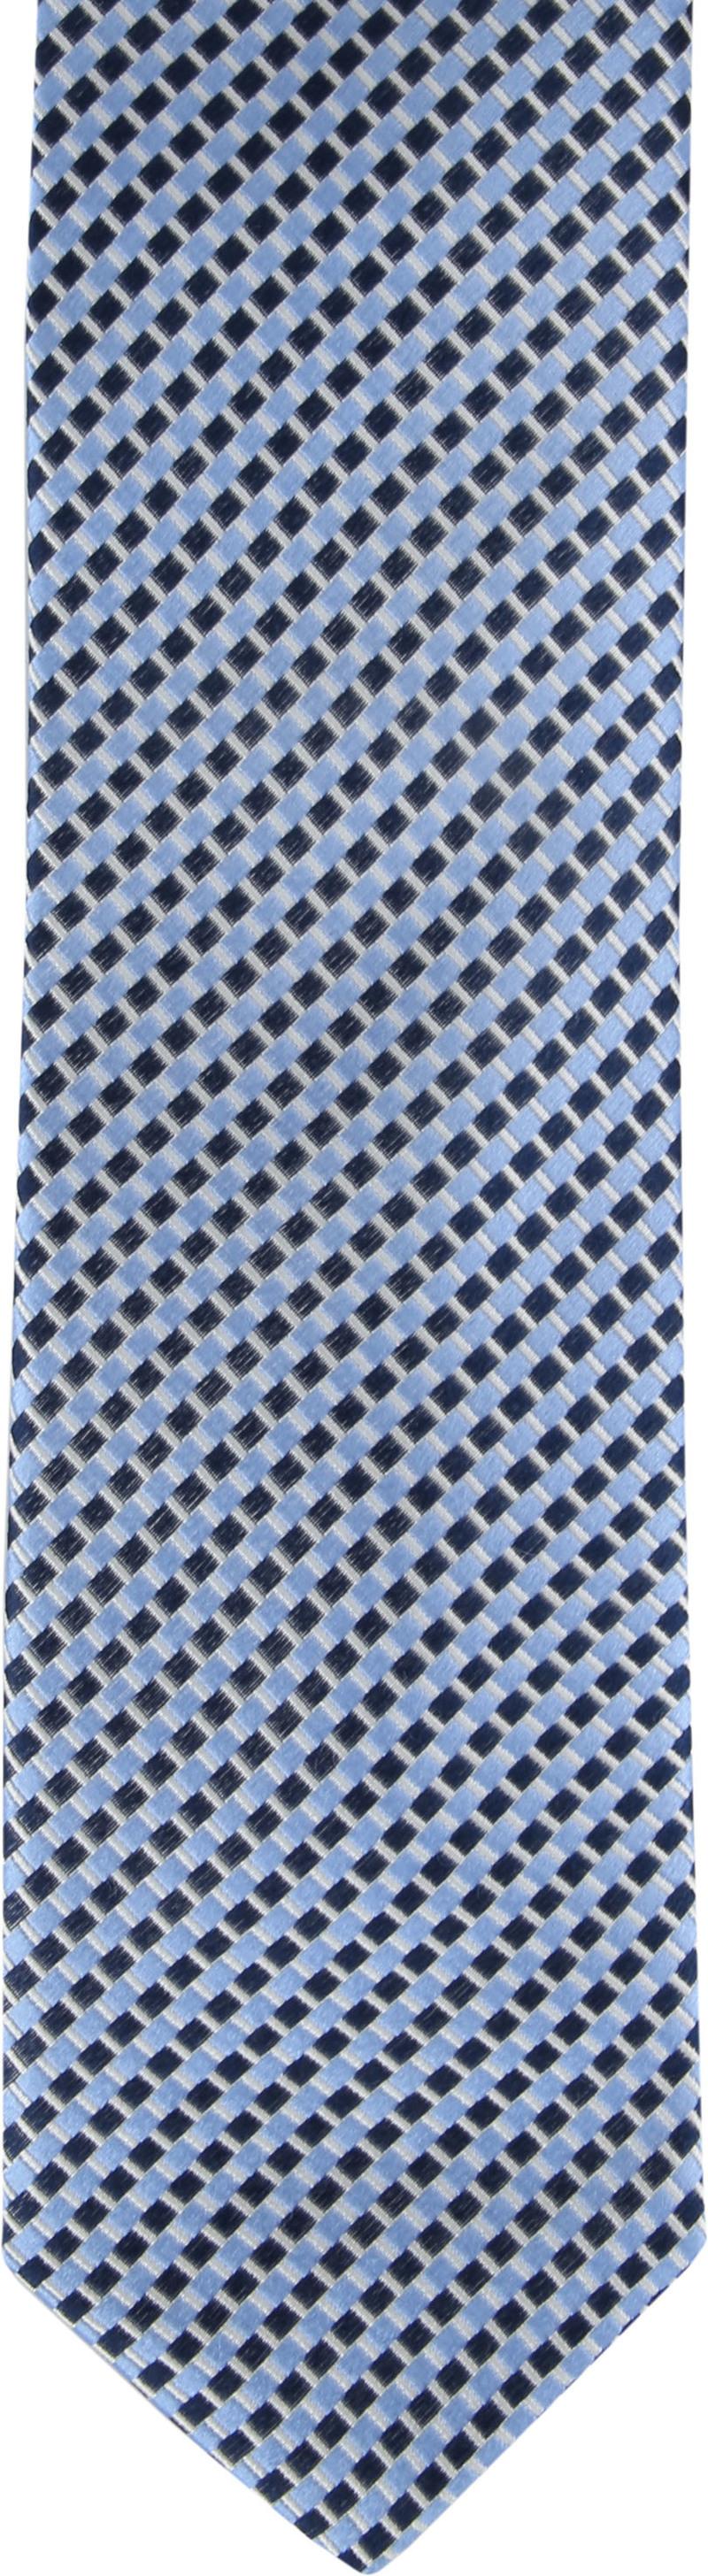 Suitable Krawatte Blau K01-11 Foto 1